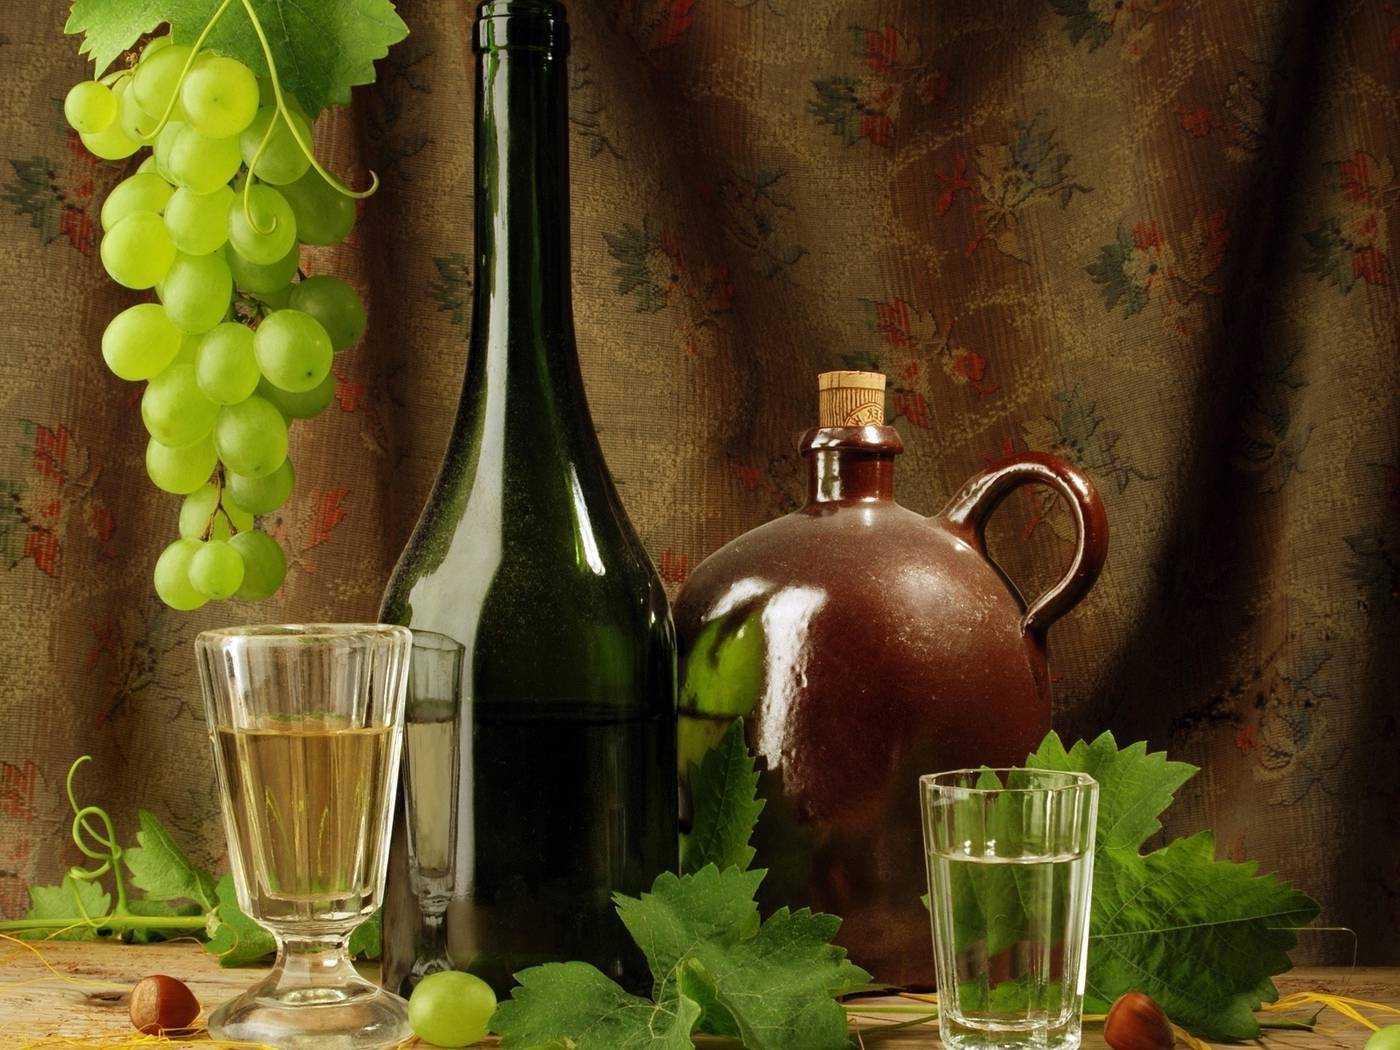 Настойки из чачи – особые виды и рецепты, домашний коньяк, особенности продукта